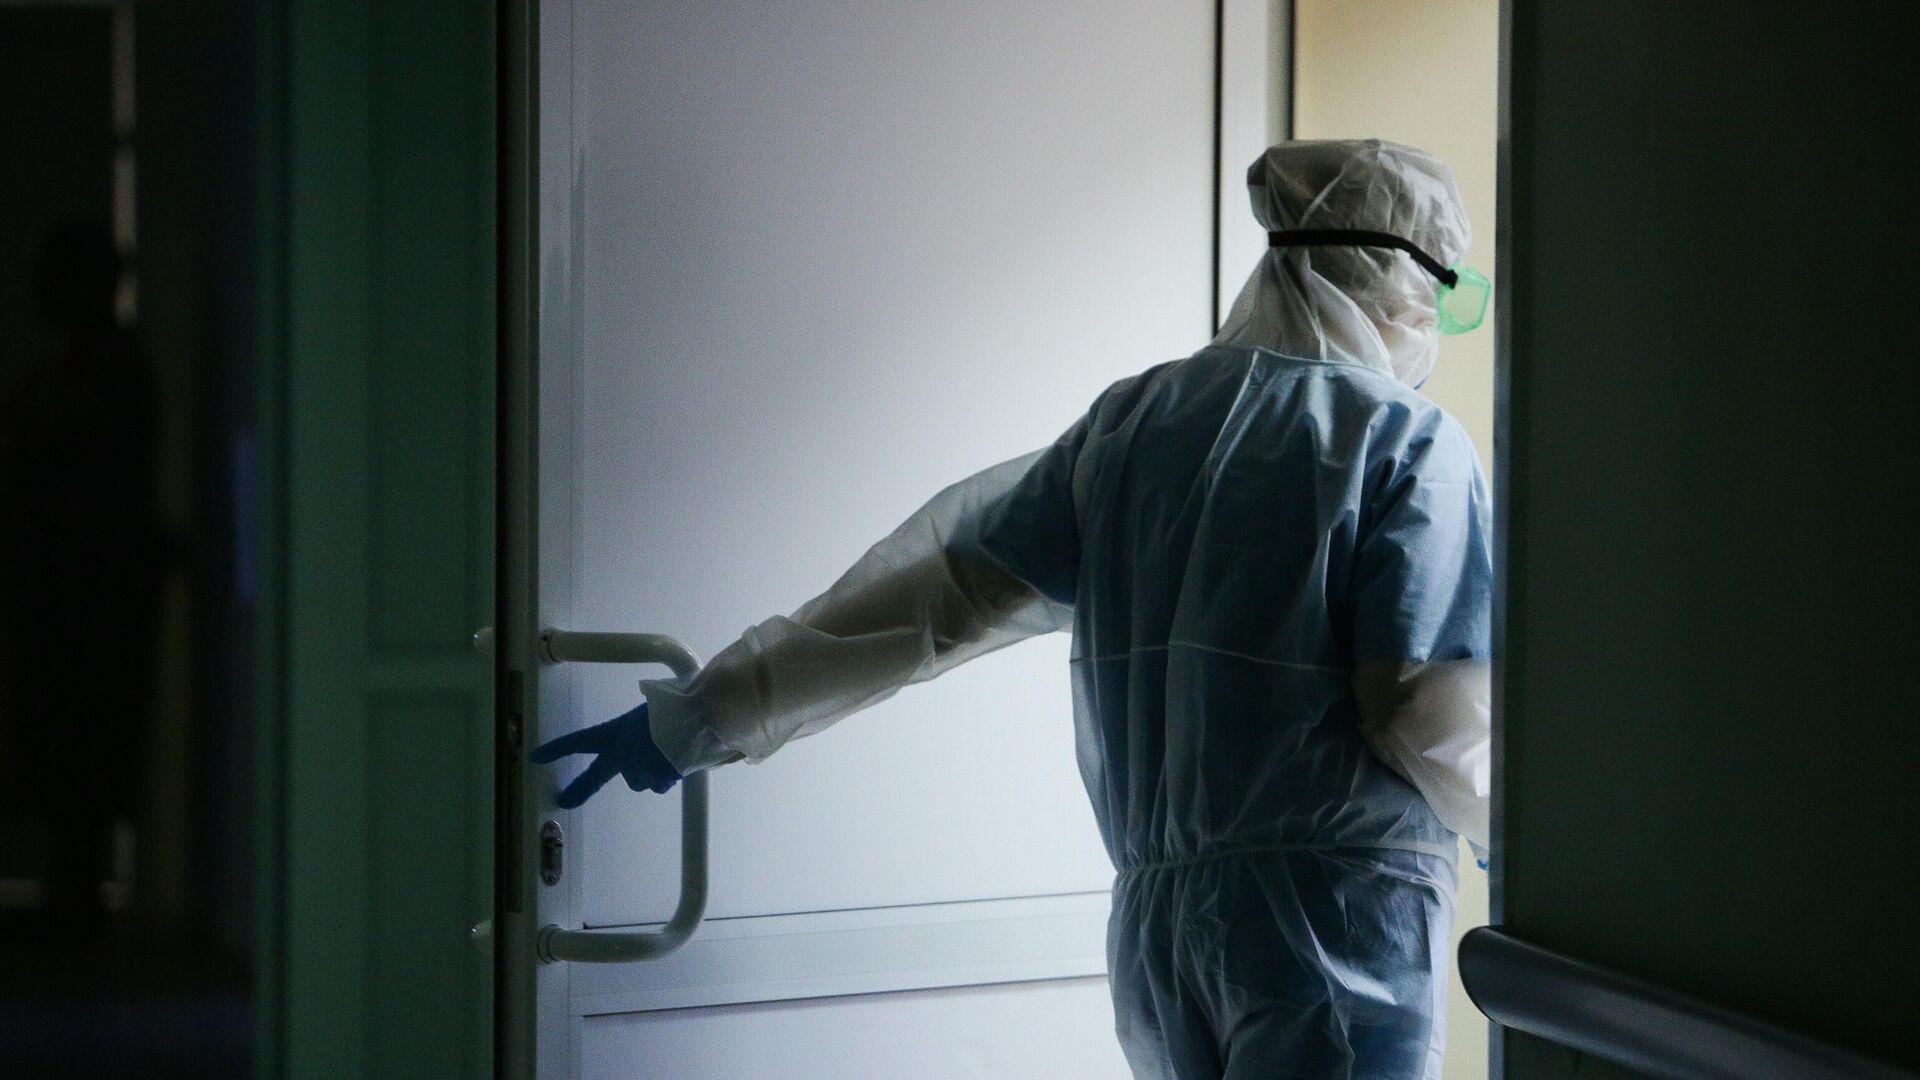 Медик Новосибирской областной клинической больницы в защитном противоэпидемическом костюме - РИА Новости, 1920, 13.01.2021